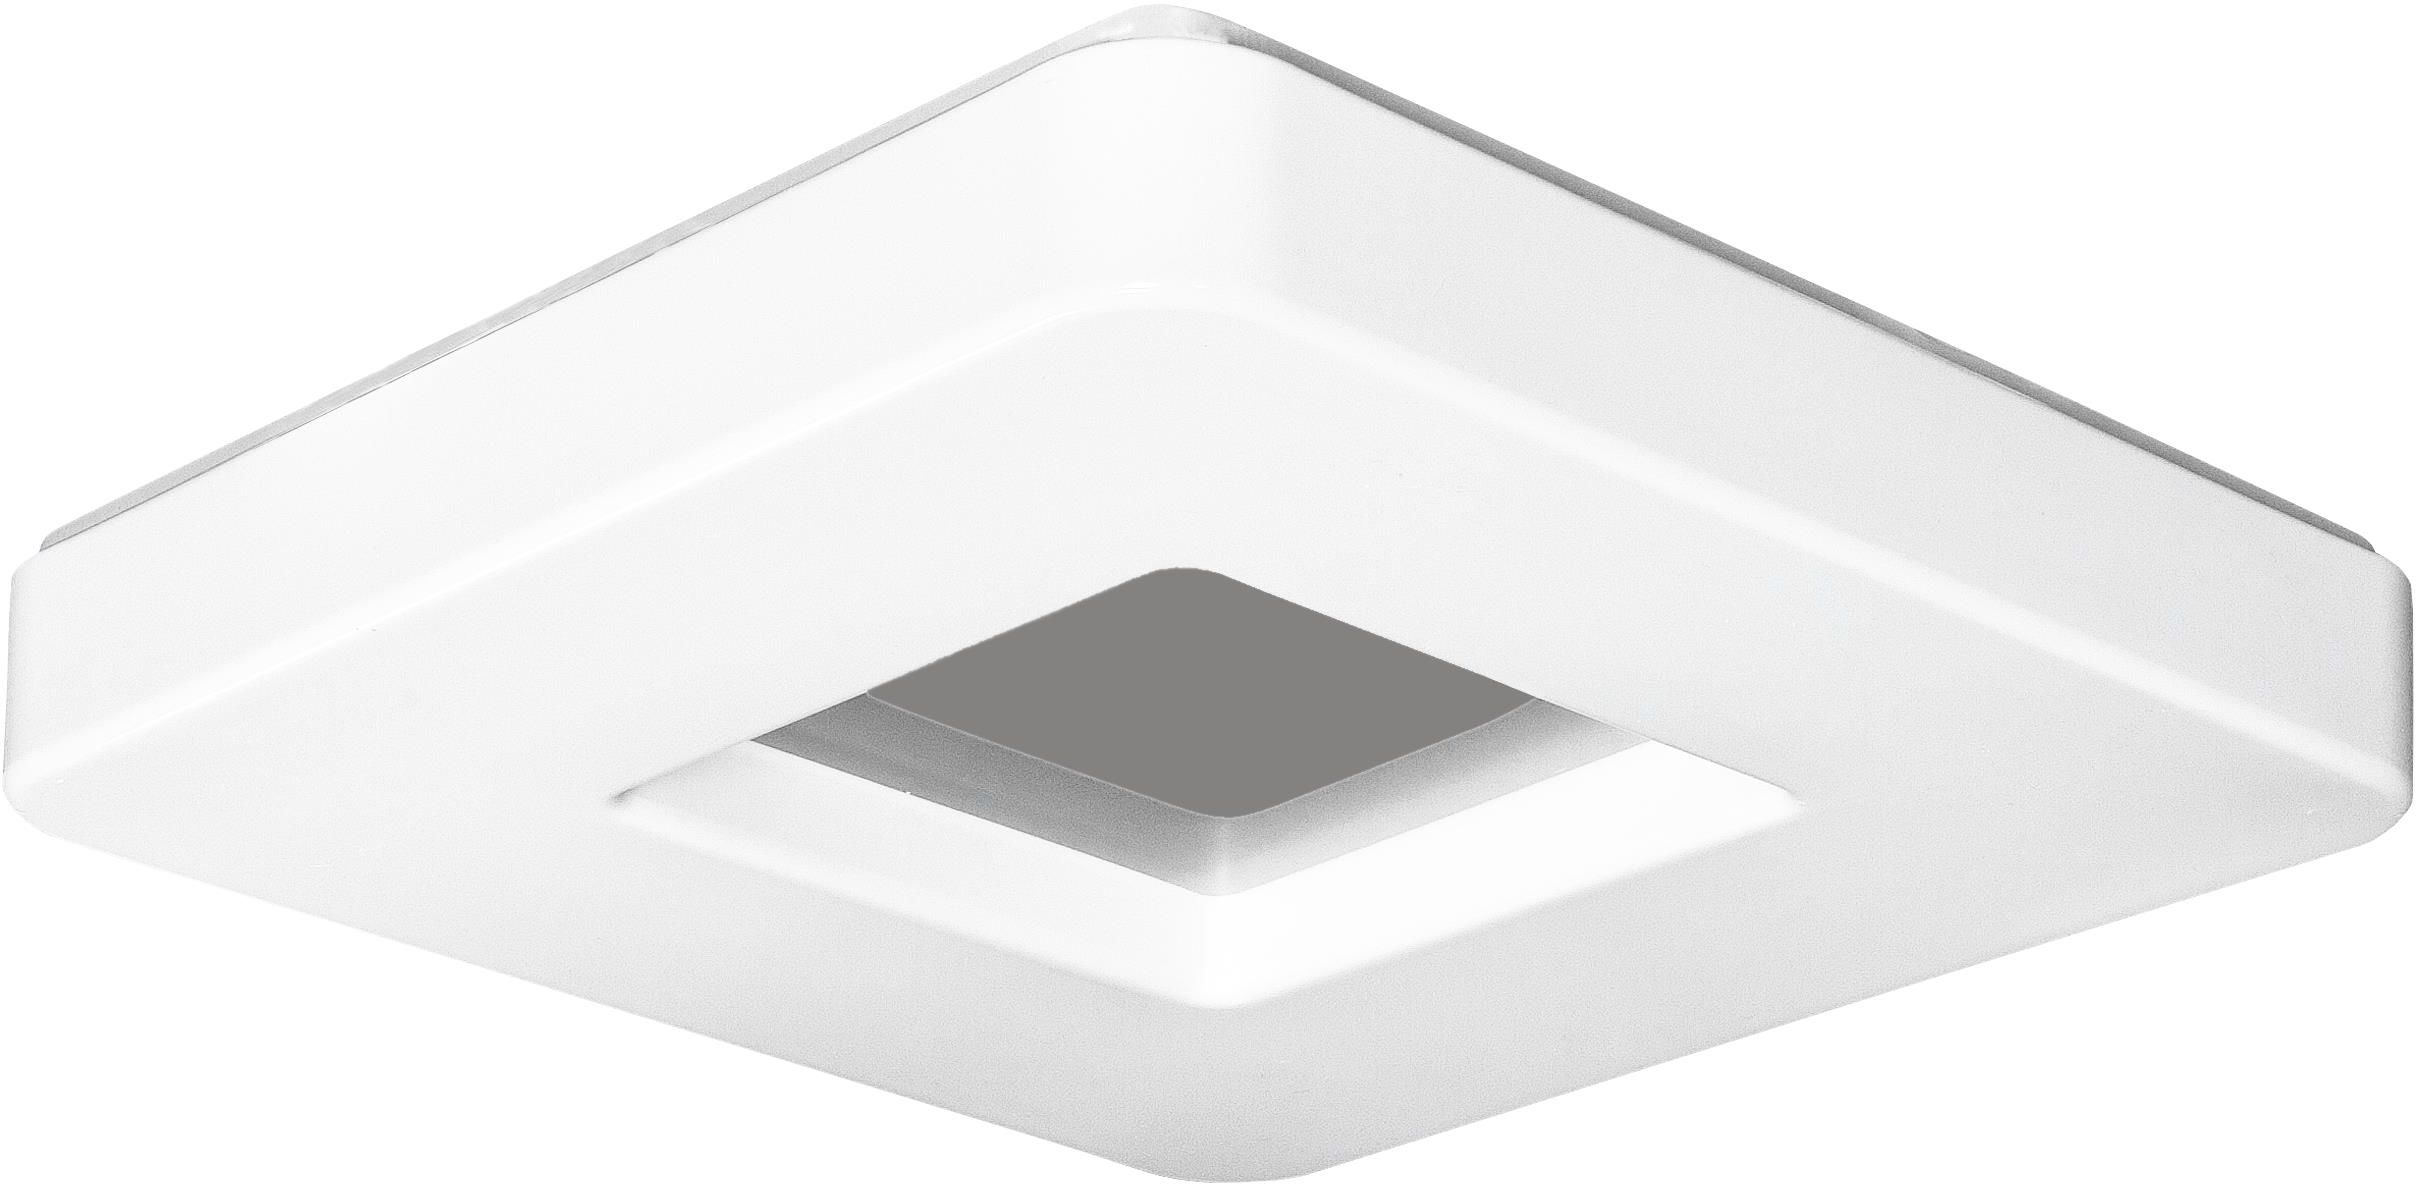 Lampex Albi 37 LED 421/37 plafon lampa sufitowa owalny kształt biały 20W LED 3000K /6000K 37cm